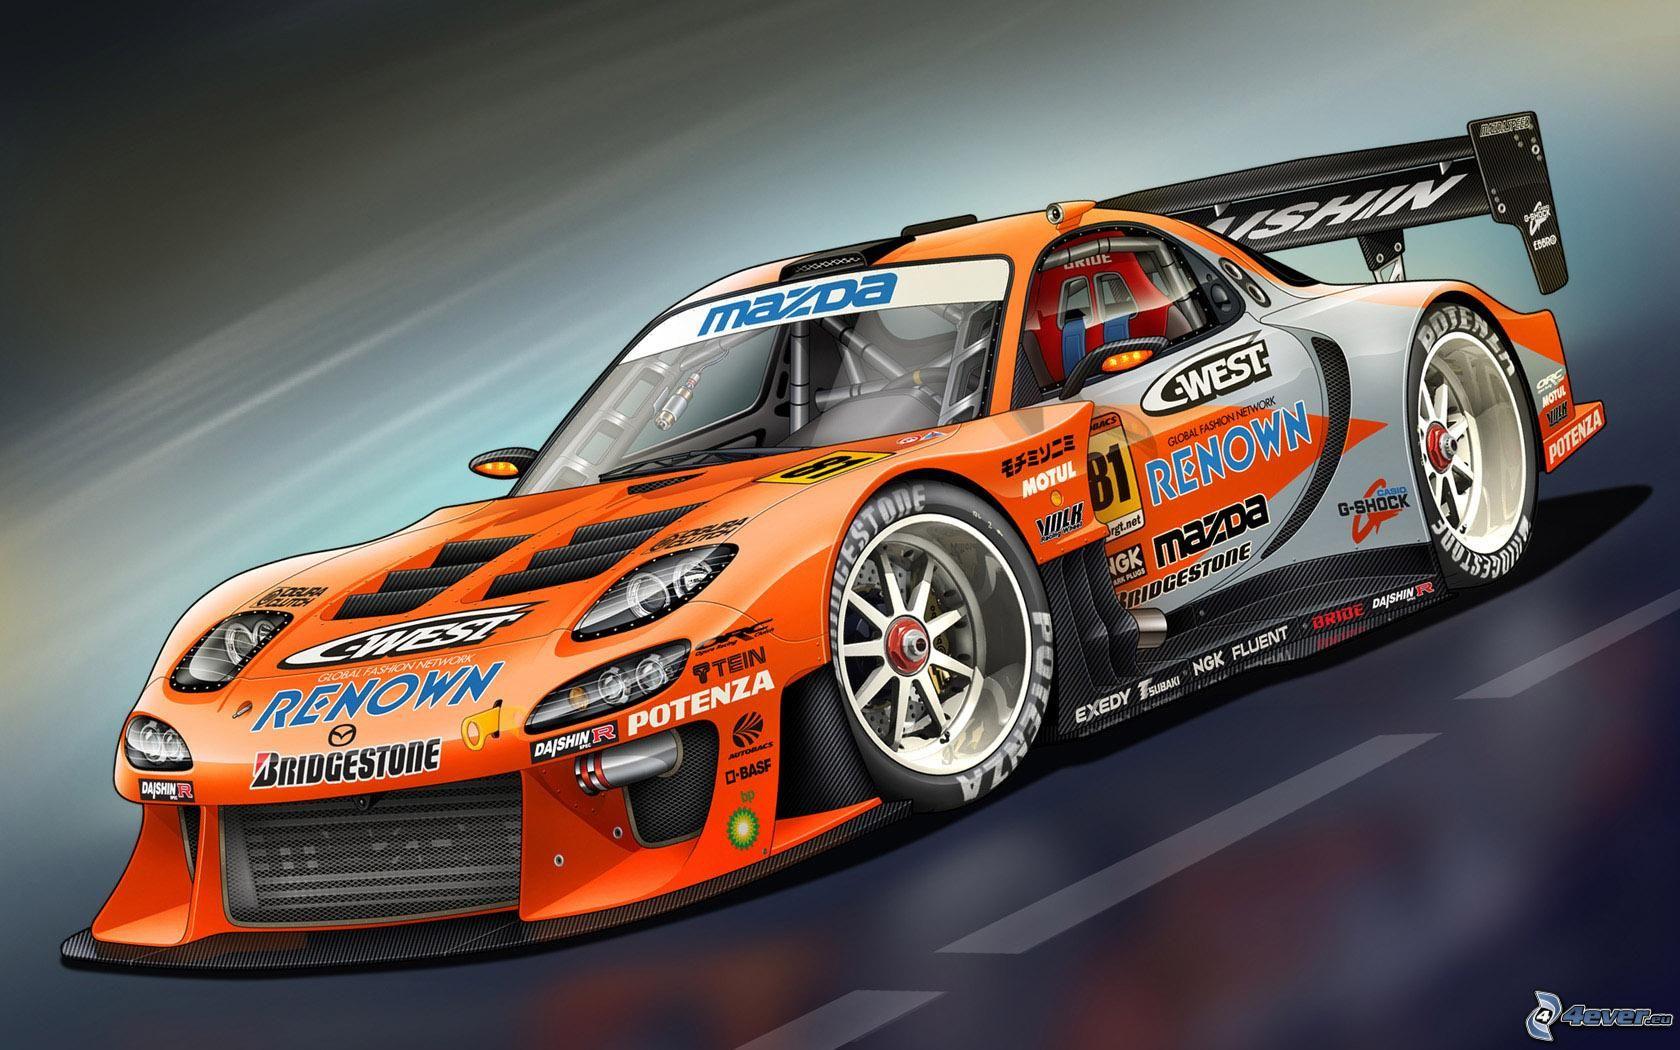 Mazda Rx7 dedans La Voiture De Course Dessin Animé